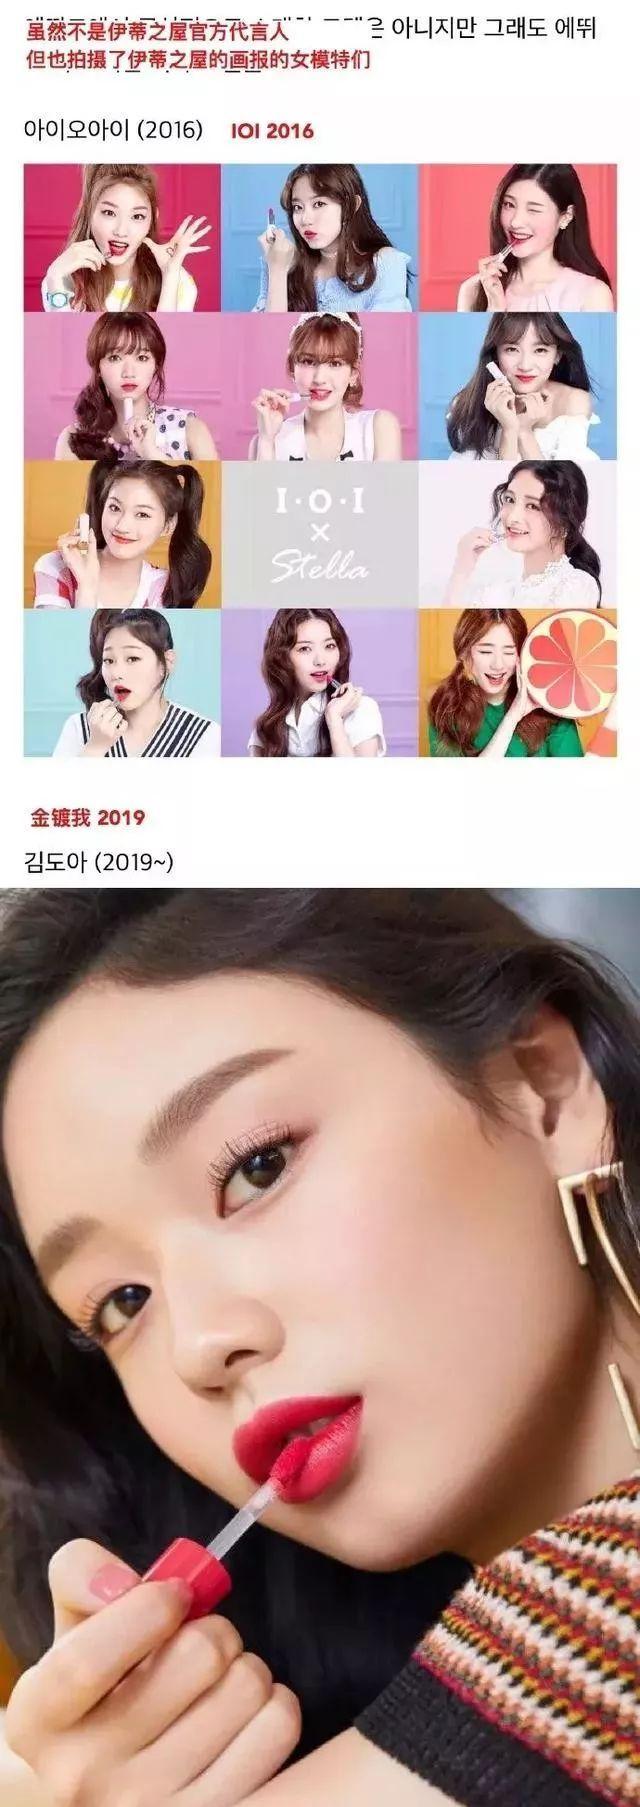 韩网盘点爱丽小屋历代代言人,你第一个想起的是谁?